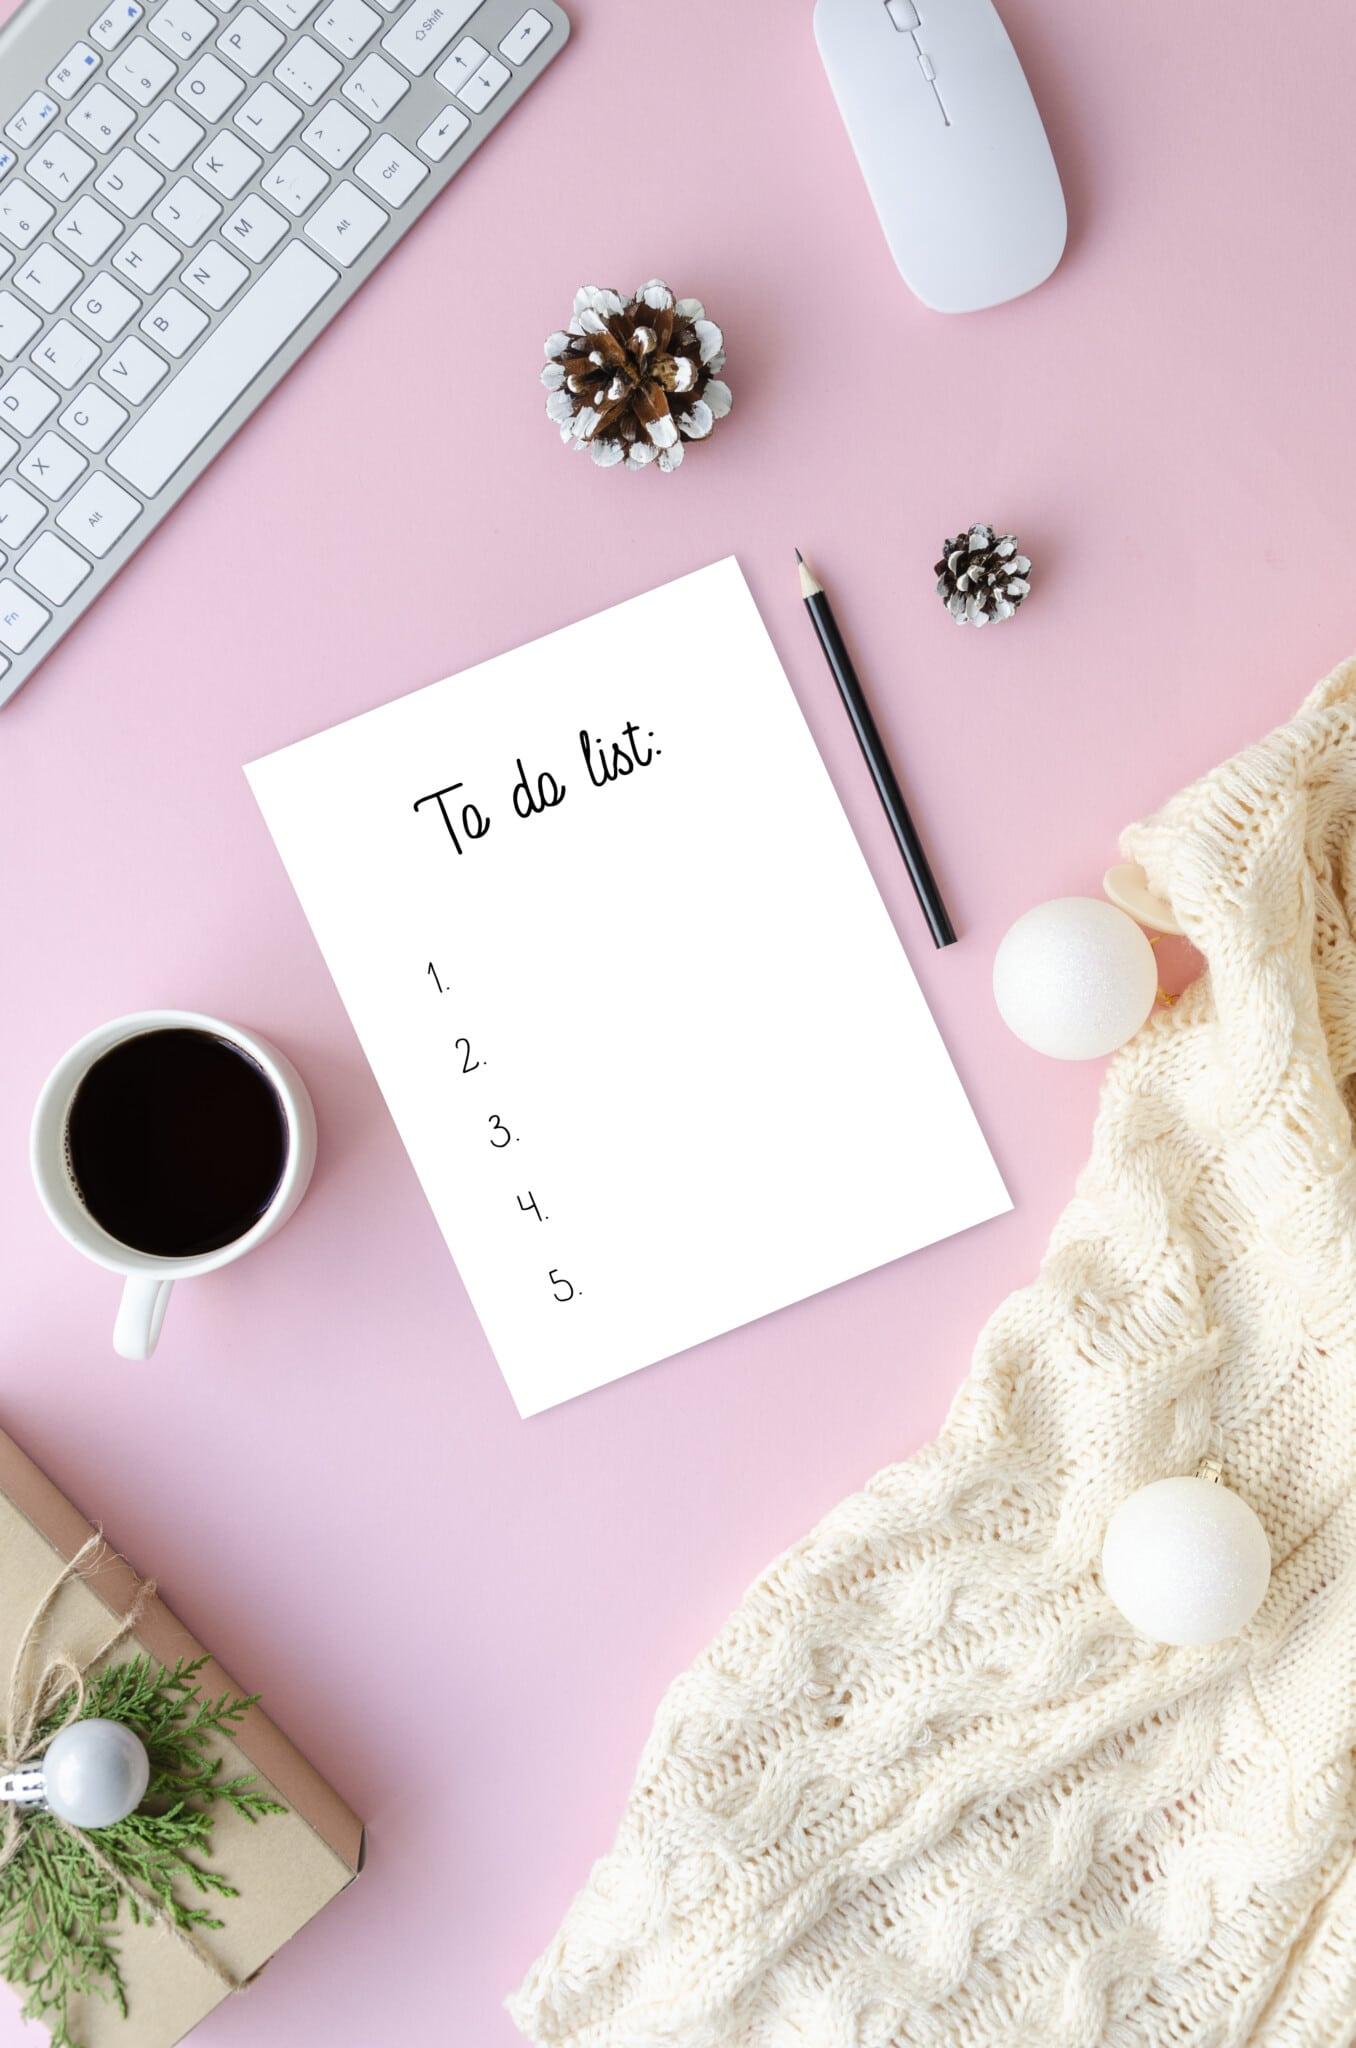 Pink desktop with a white checklist